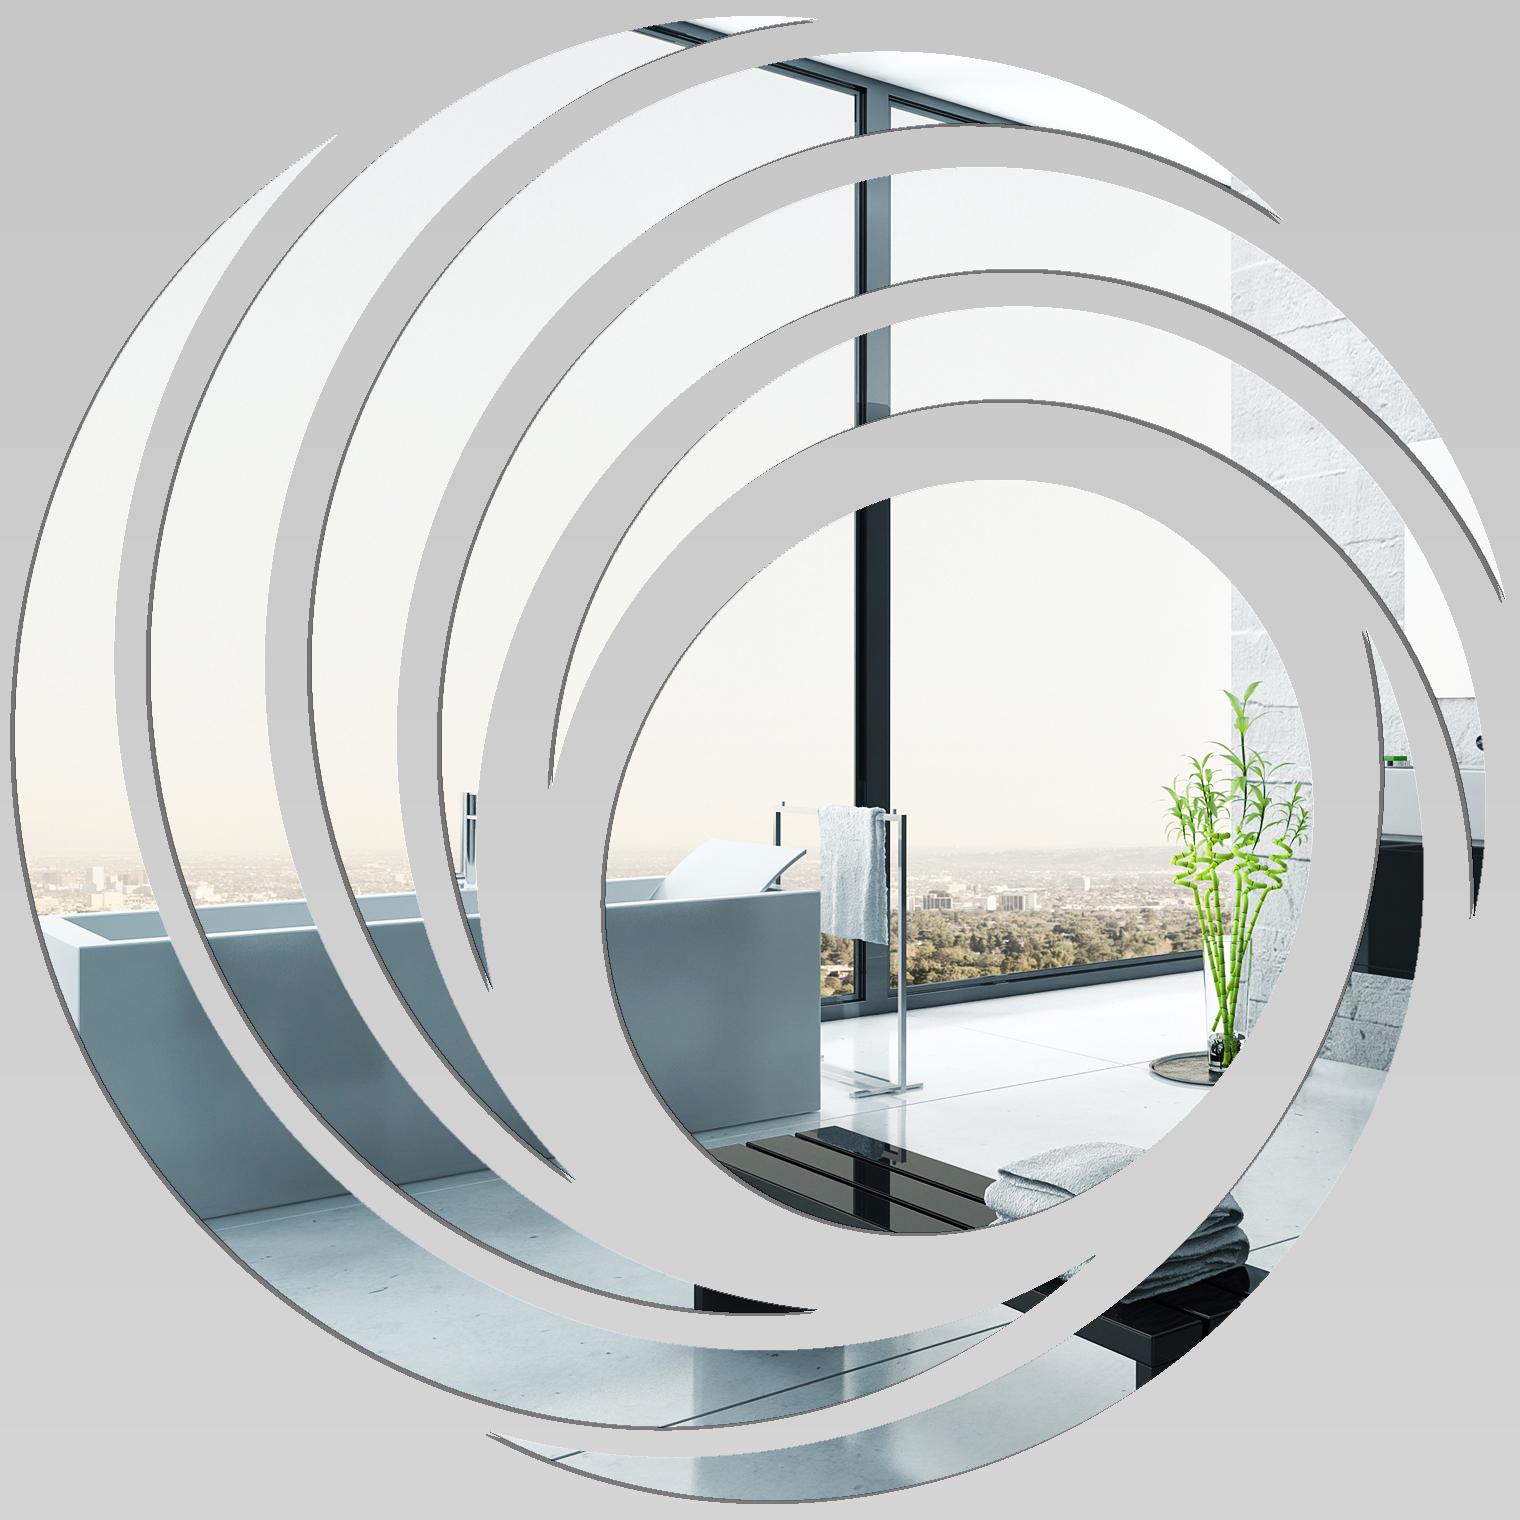 Adesivi follia specchio acrilico plexiglass spirali design - Plexiglass a specchio ...